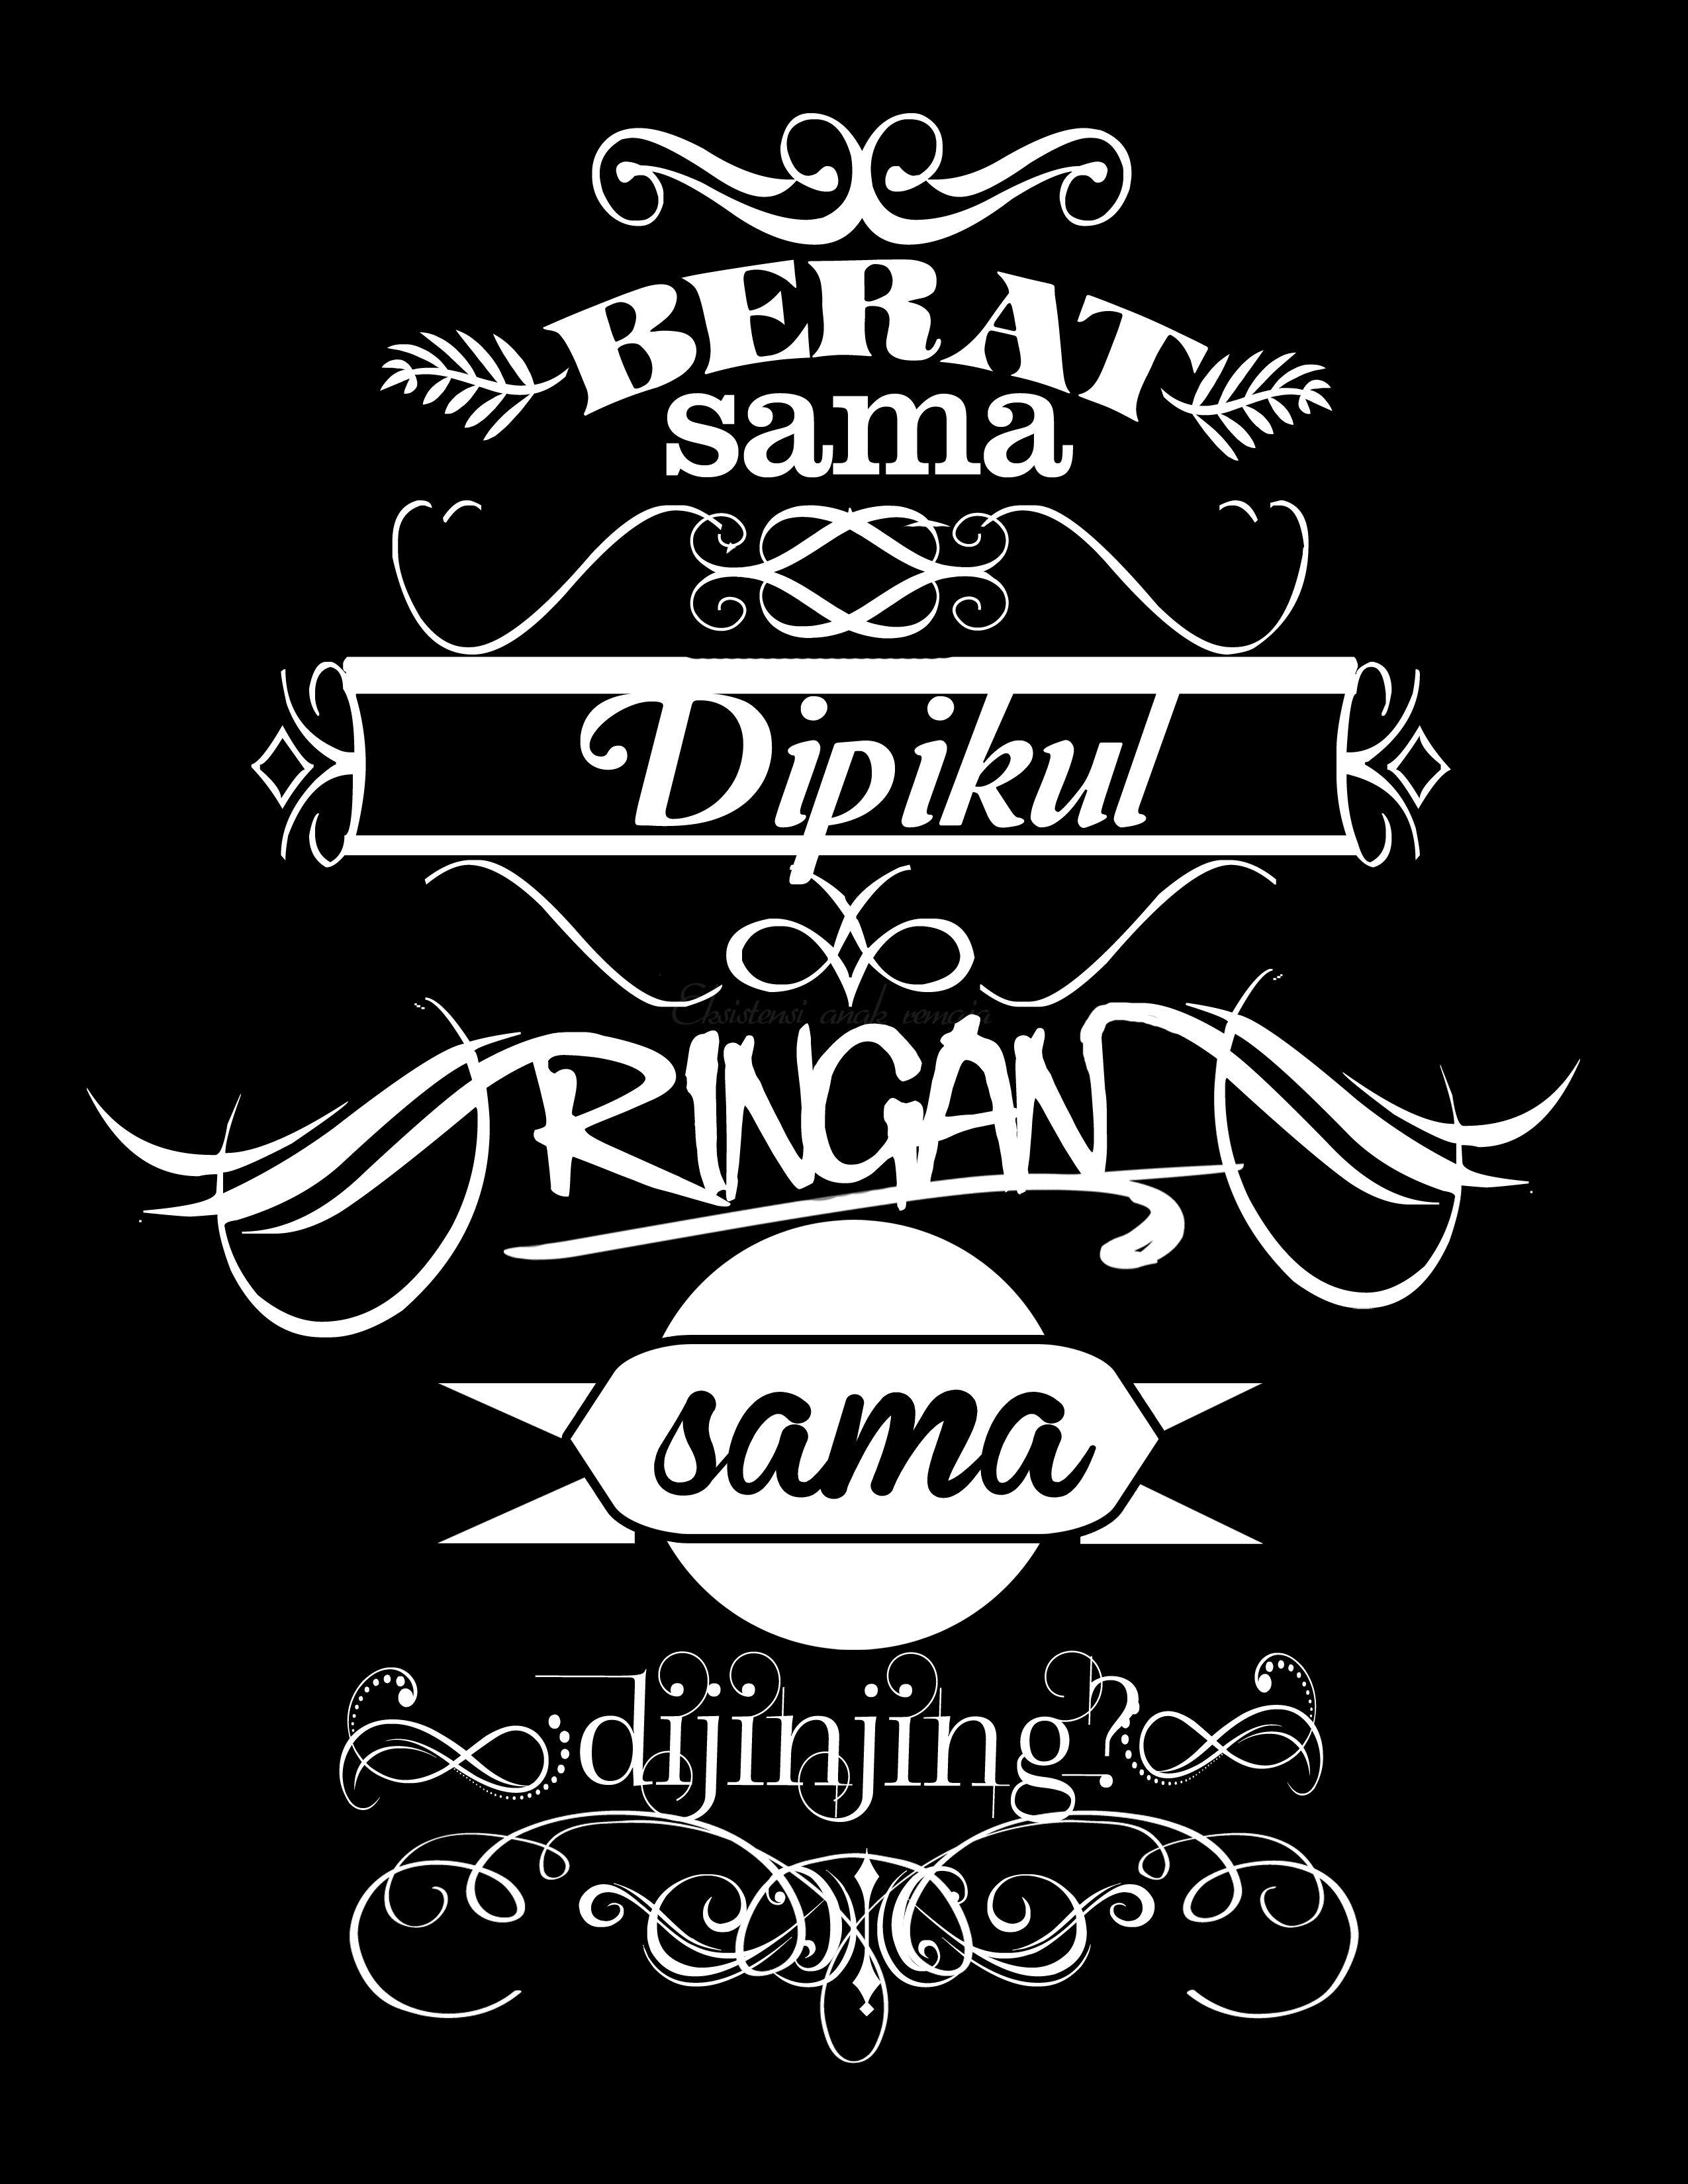 Pribahasa Indonesia Typography Berat Sama Dipikul Ringan Sama Dijinjing Persamaan